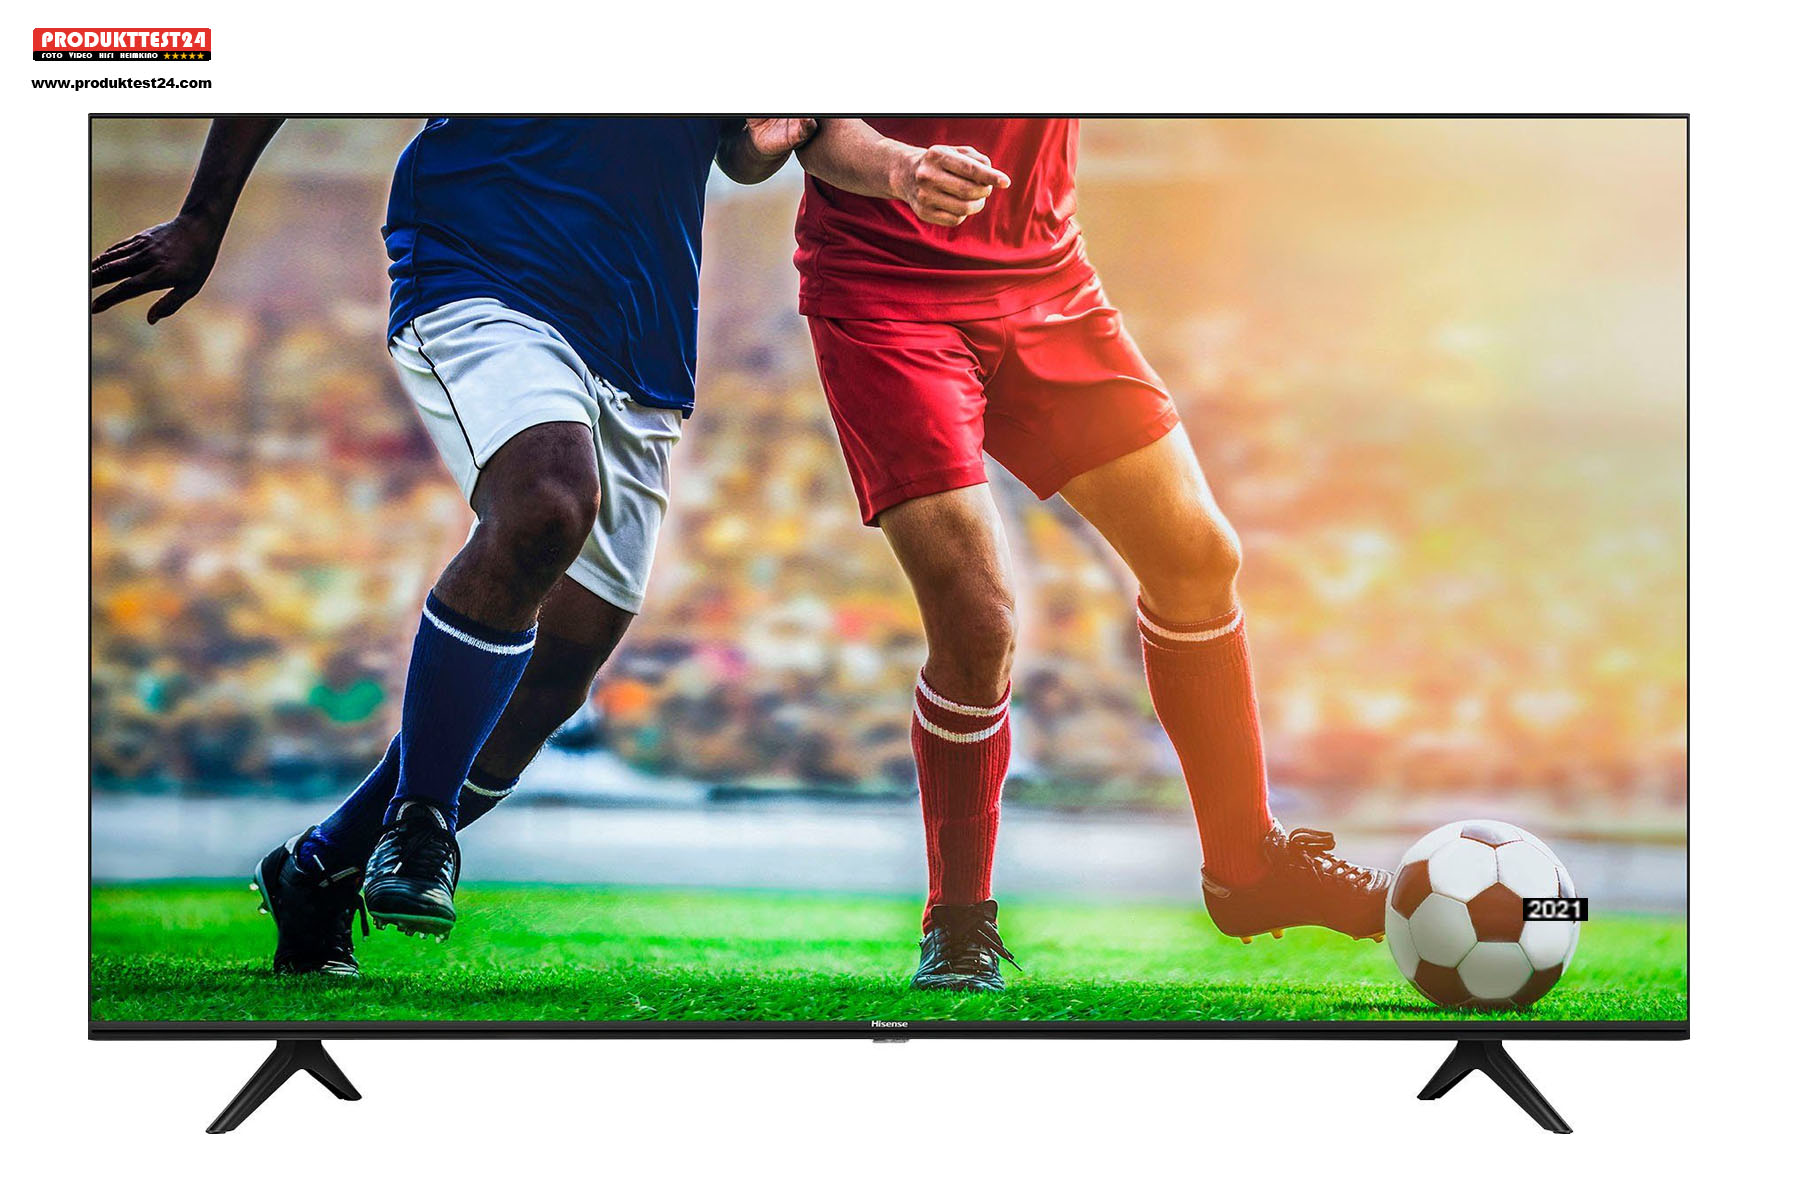 75 Zoll (190 cm) Bilddiagonale. Einer der größten Fernseher auf dem Markt.